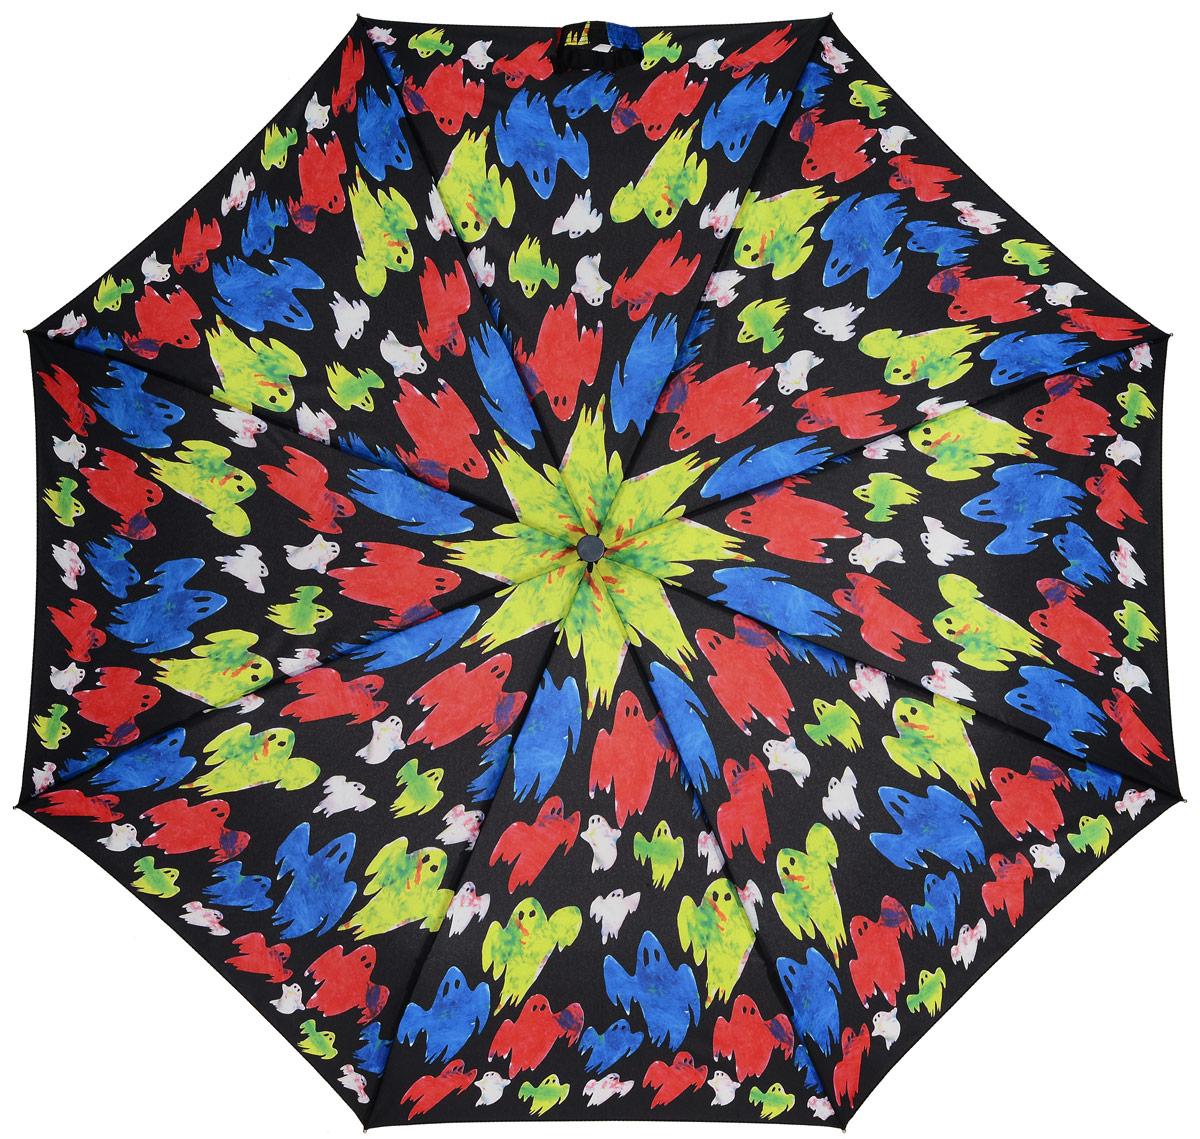 Зонт женский механика Simeon Farrar Fulton, расцветка: призраки. E446-2450 GhostsE446-2450 GhostsЗамечательный, необыкновенно компактный зонт. Запатентованная безопасная технология замка. Уникальный супер-прочный. Увеличенный купол Длина в сложенном виде 25 см. Диаметр купола 96 см.